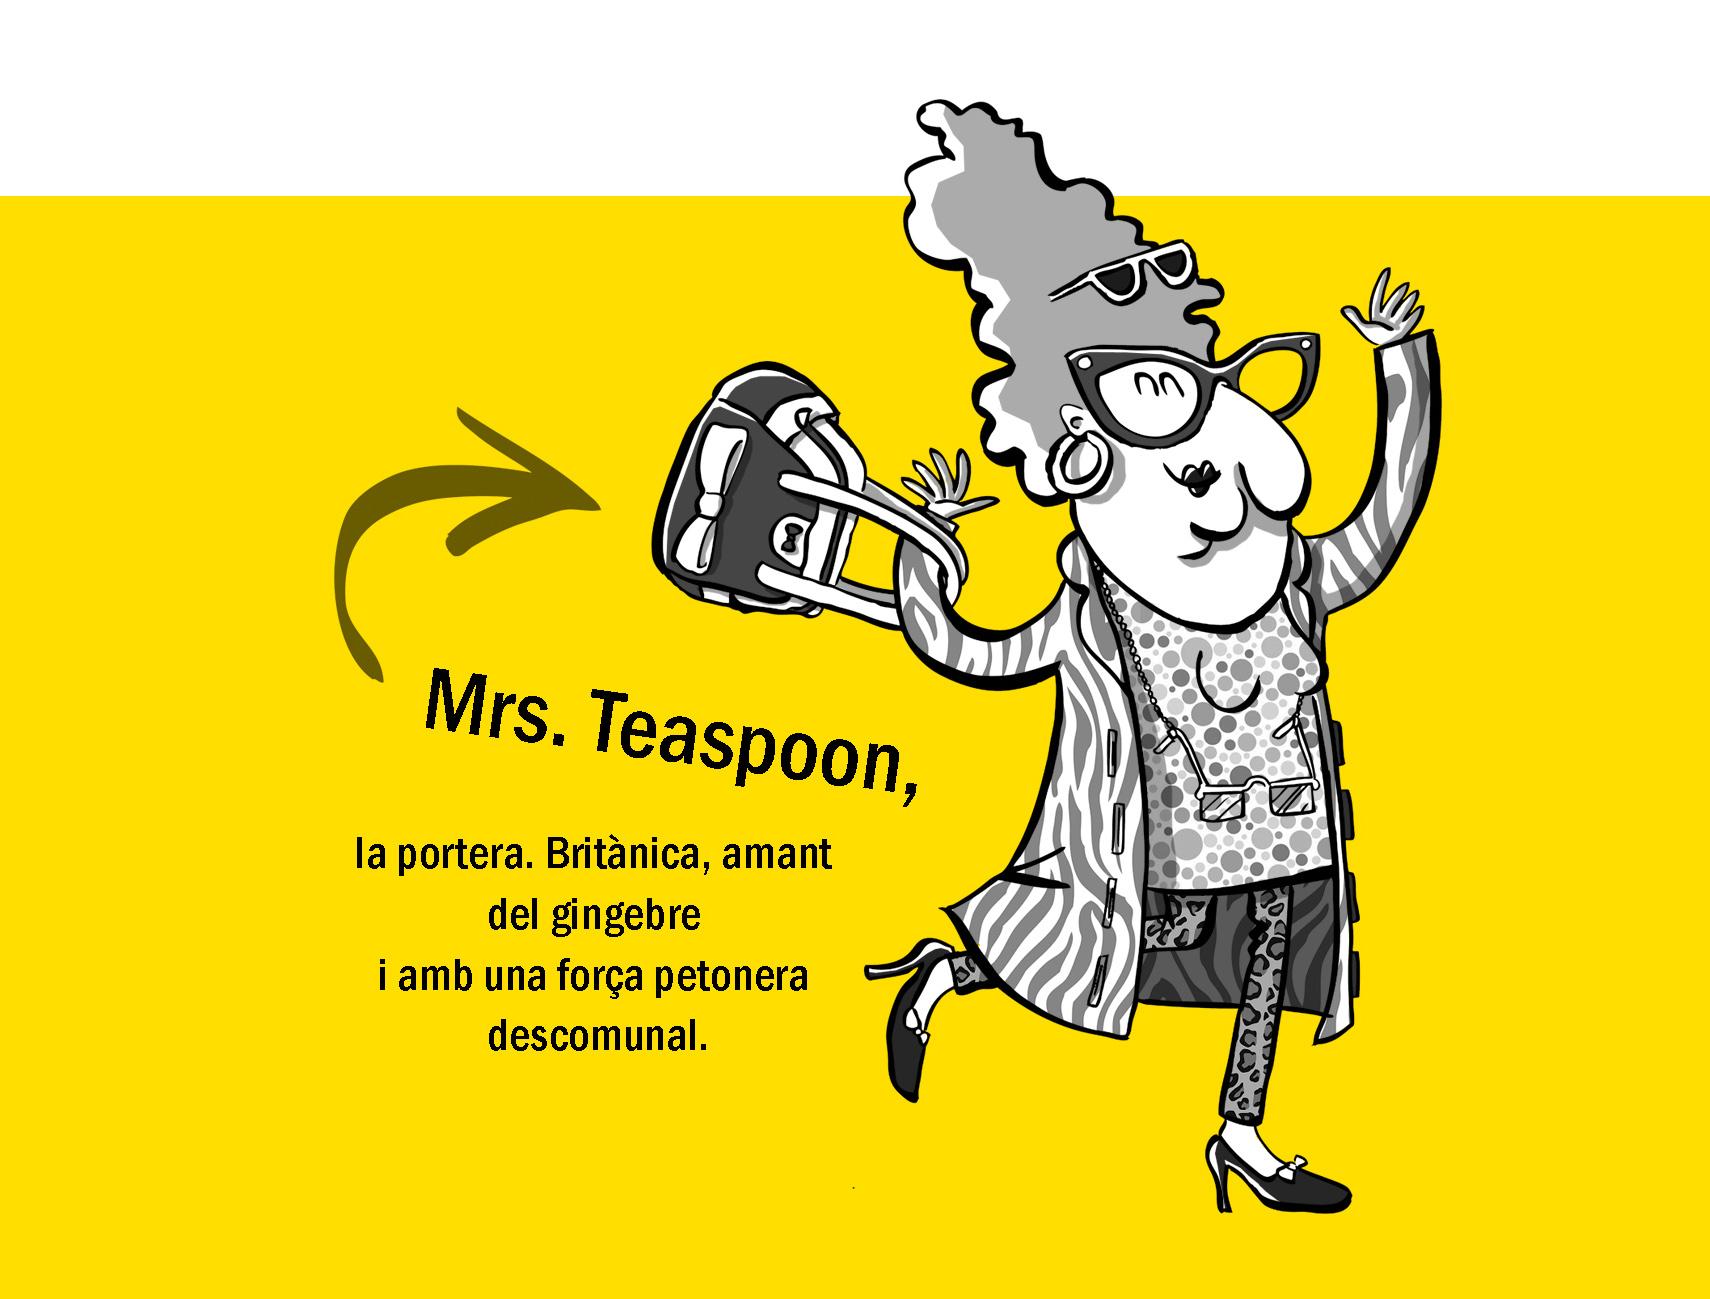 Mrs. Teaspoon